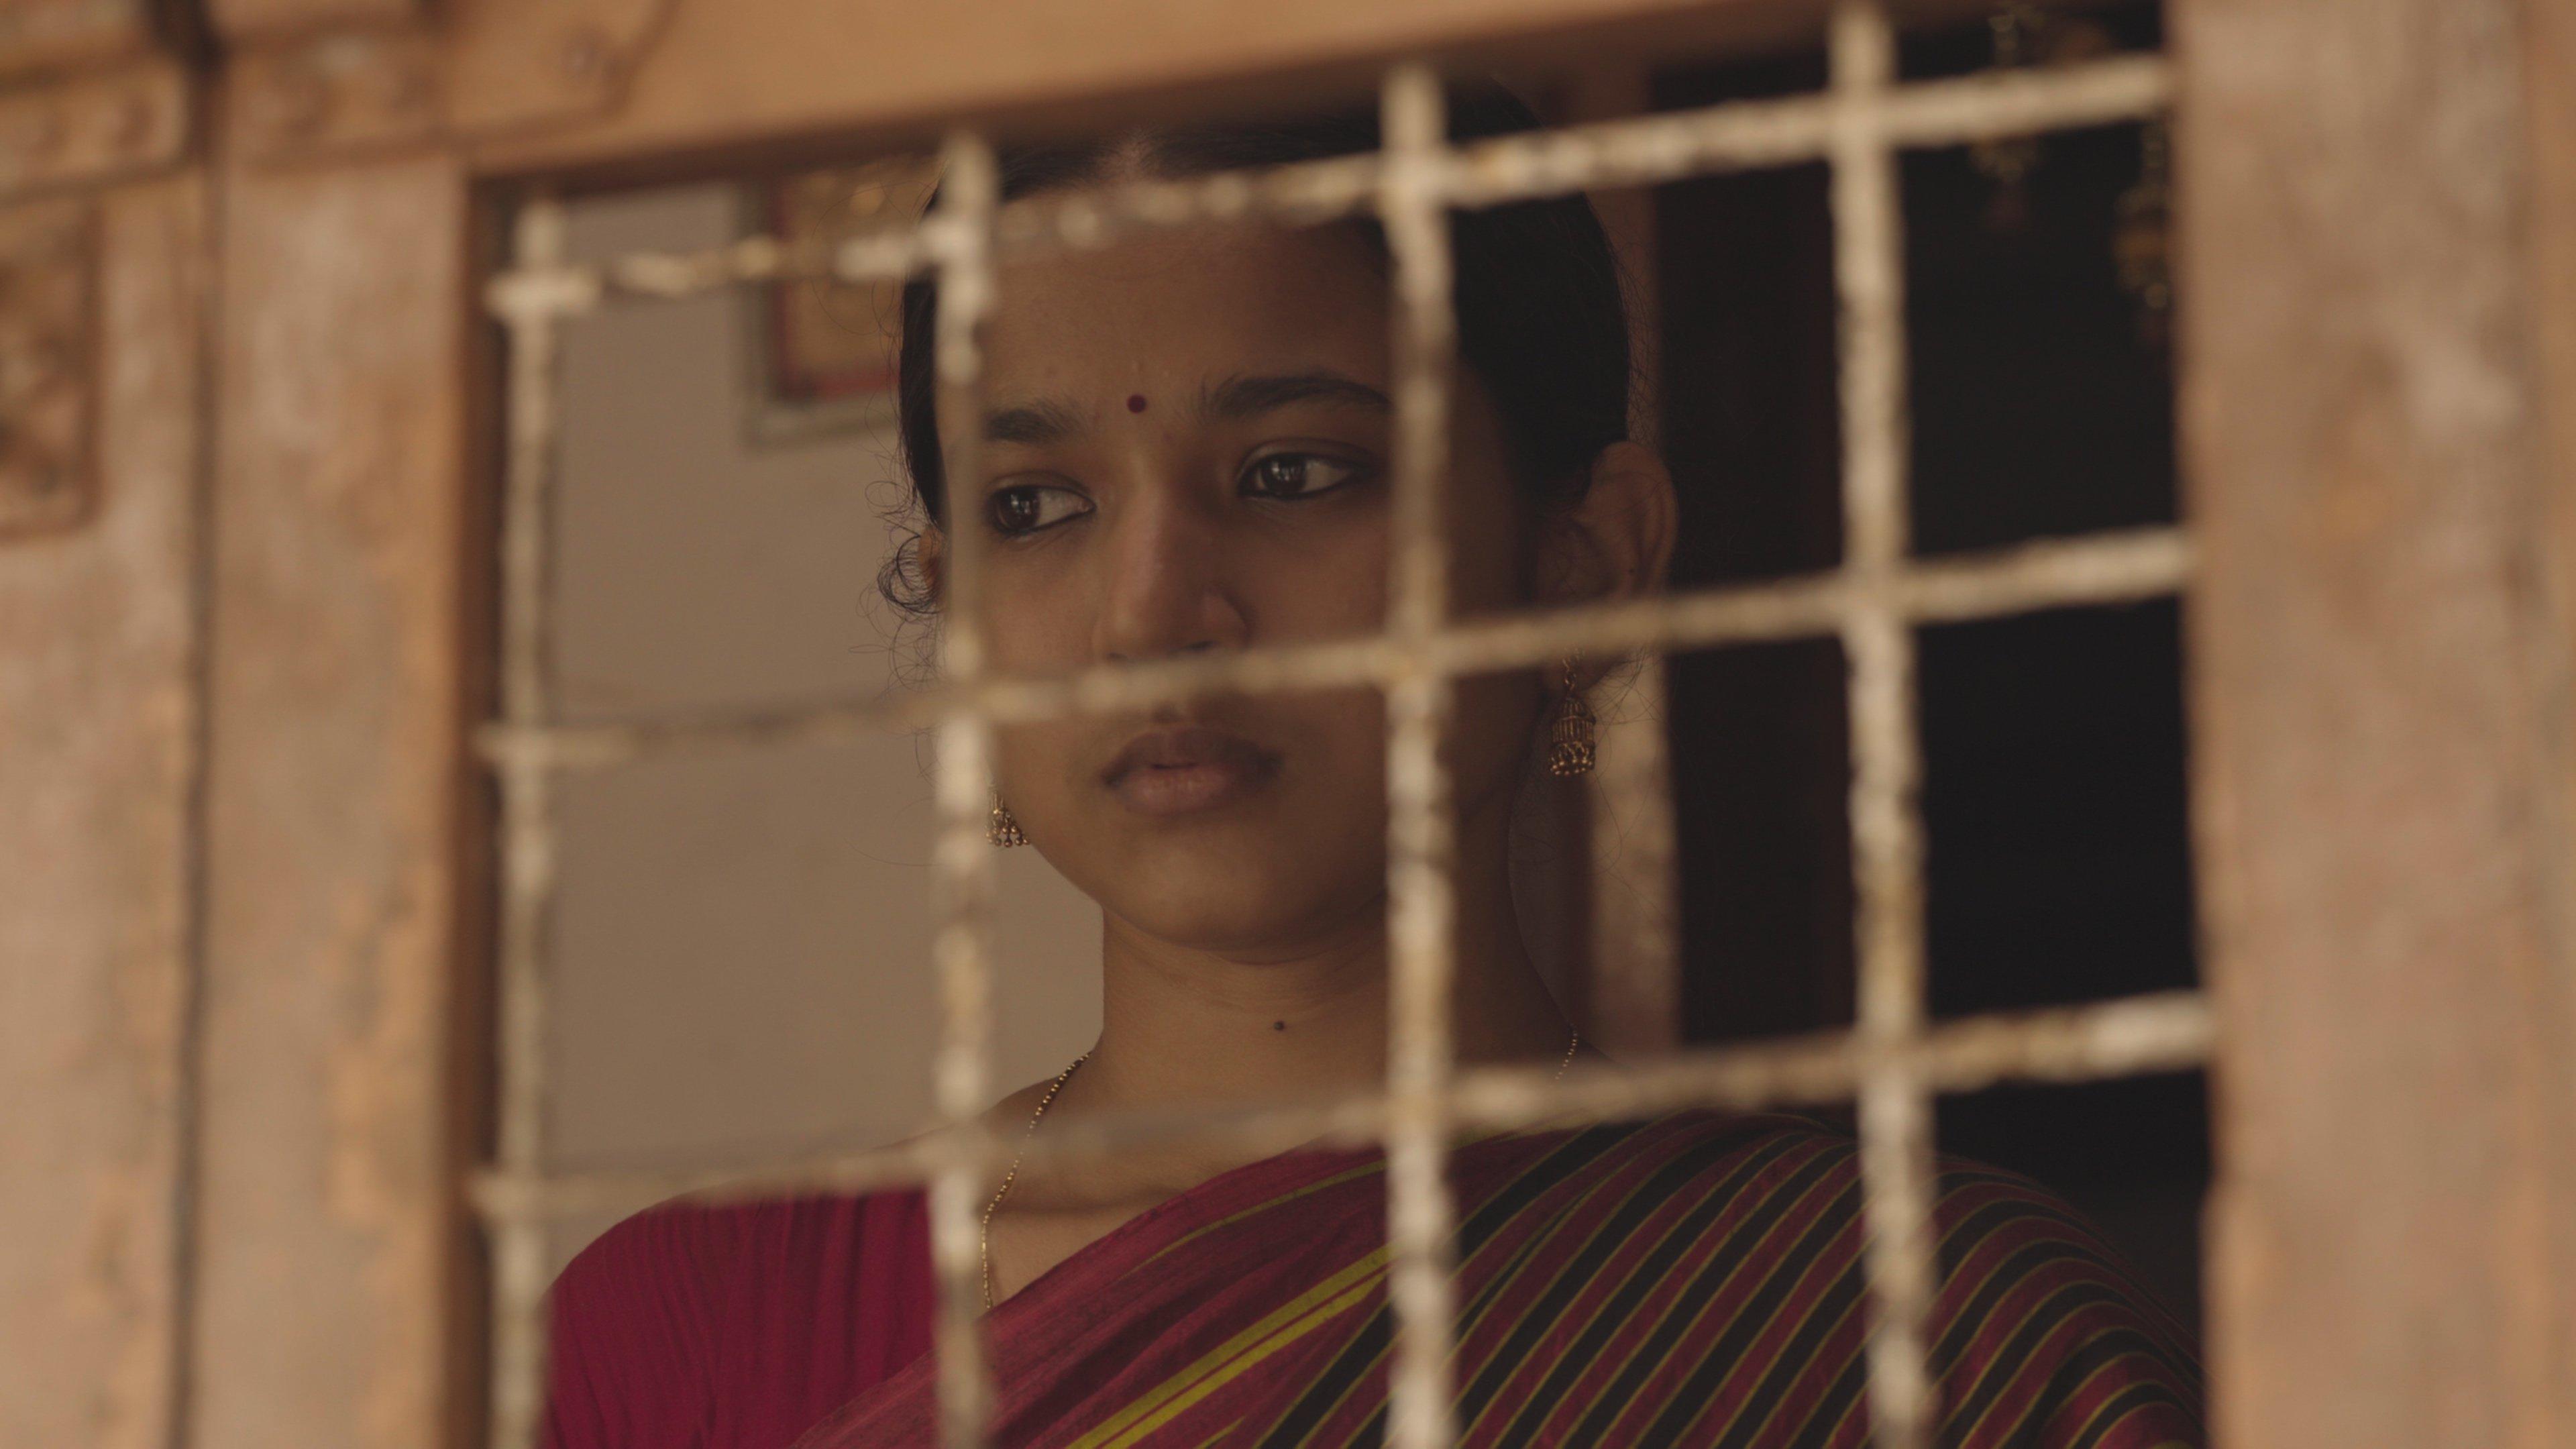 RK film still